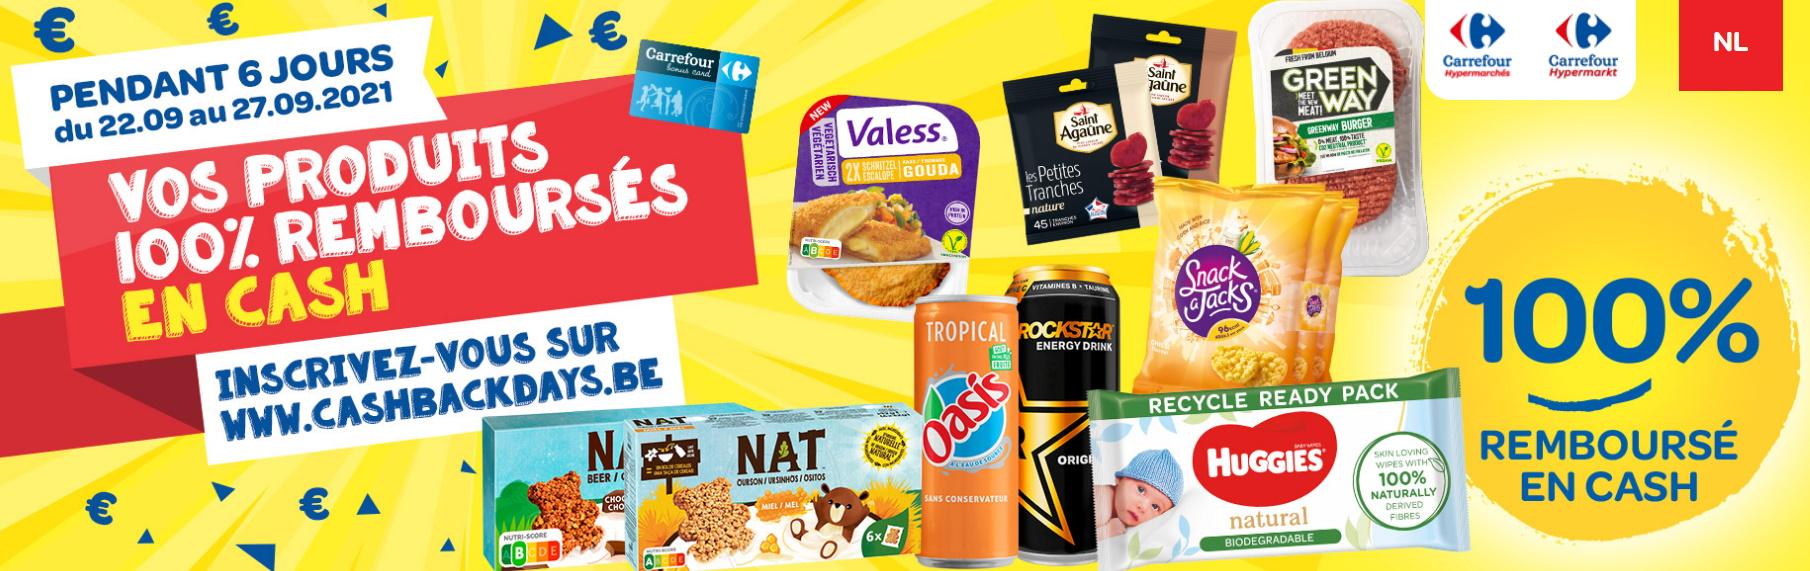 Cashbackdays, produits gratuits chez Carrefour